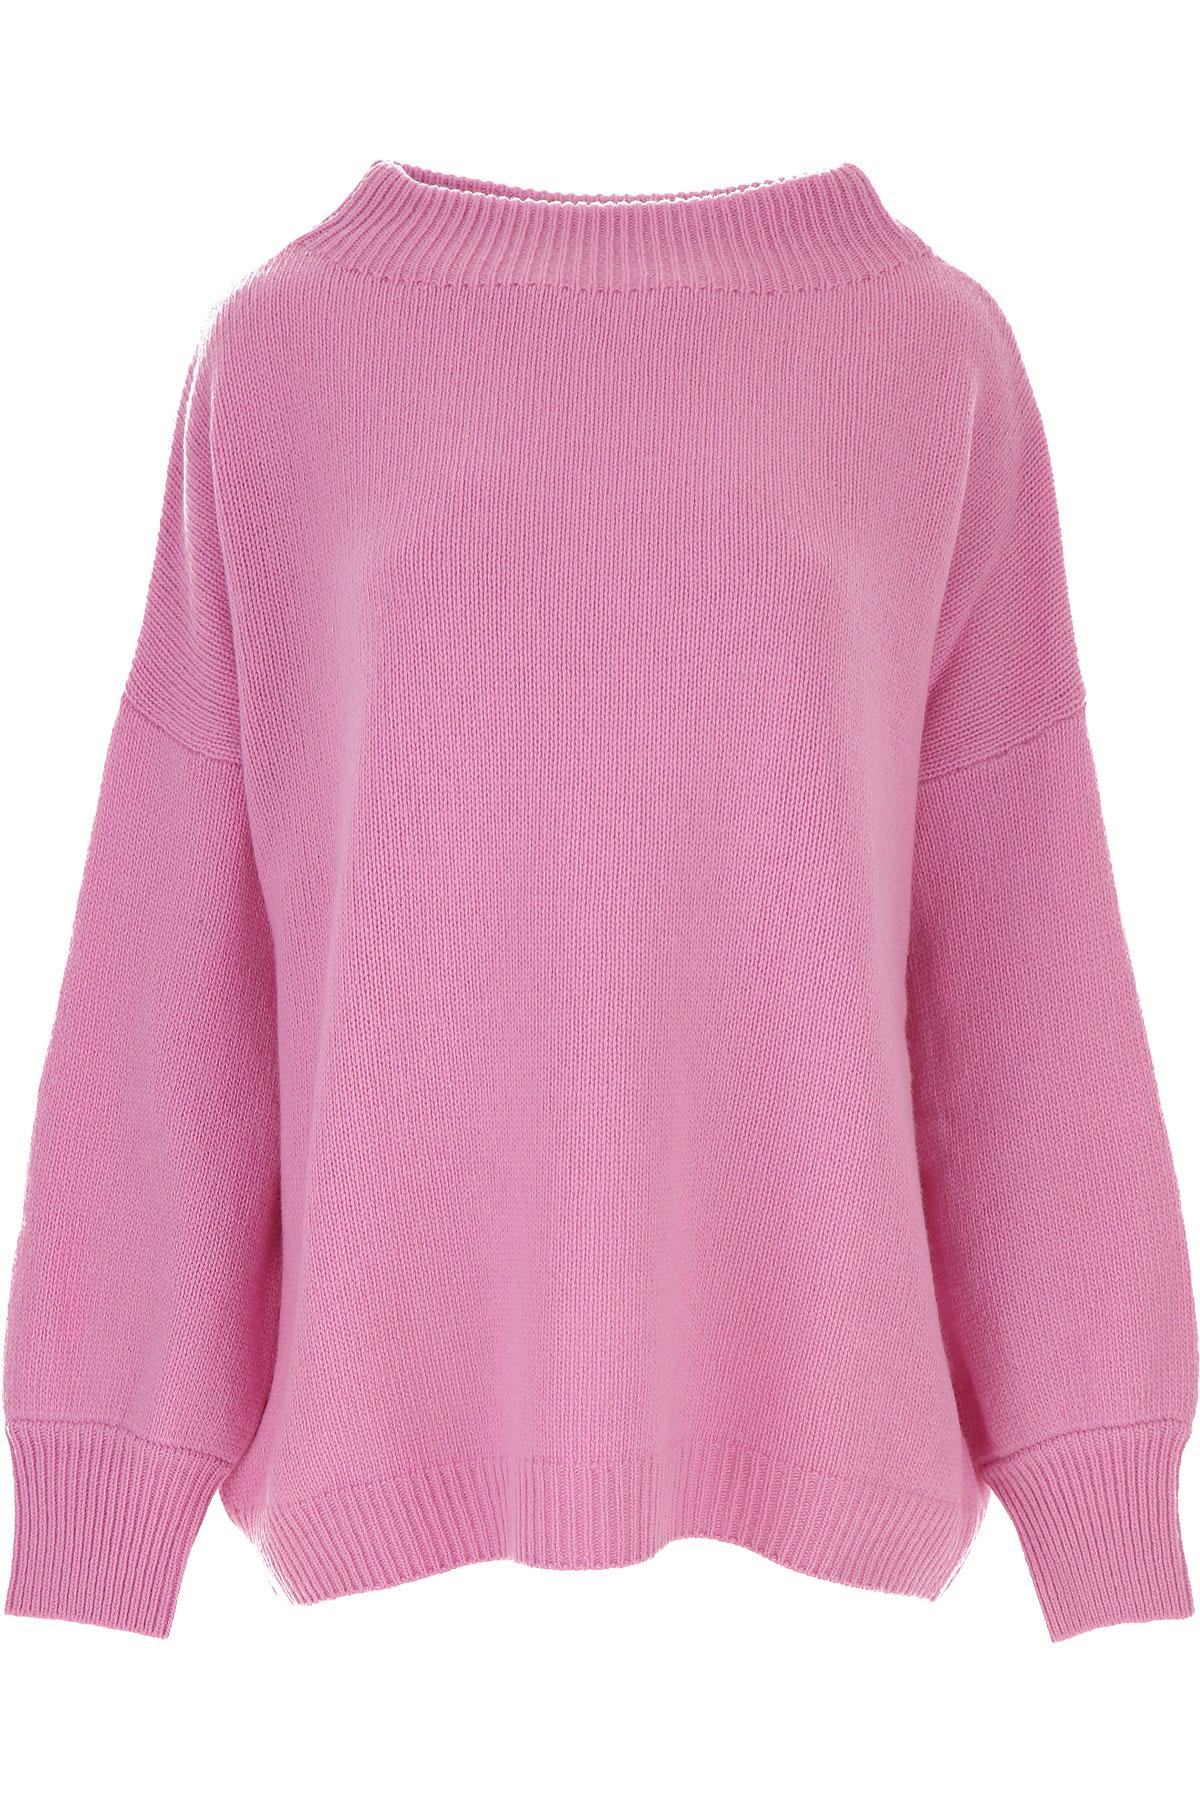 Fuzzi Sweater for Women Jumper On Sale, Pink, Virgin wool, 2019, 6 8